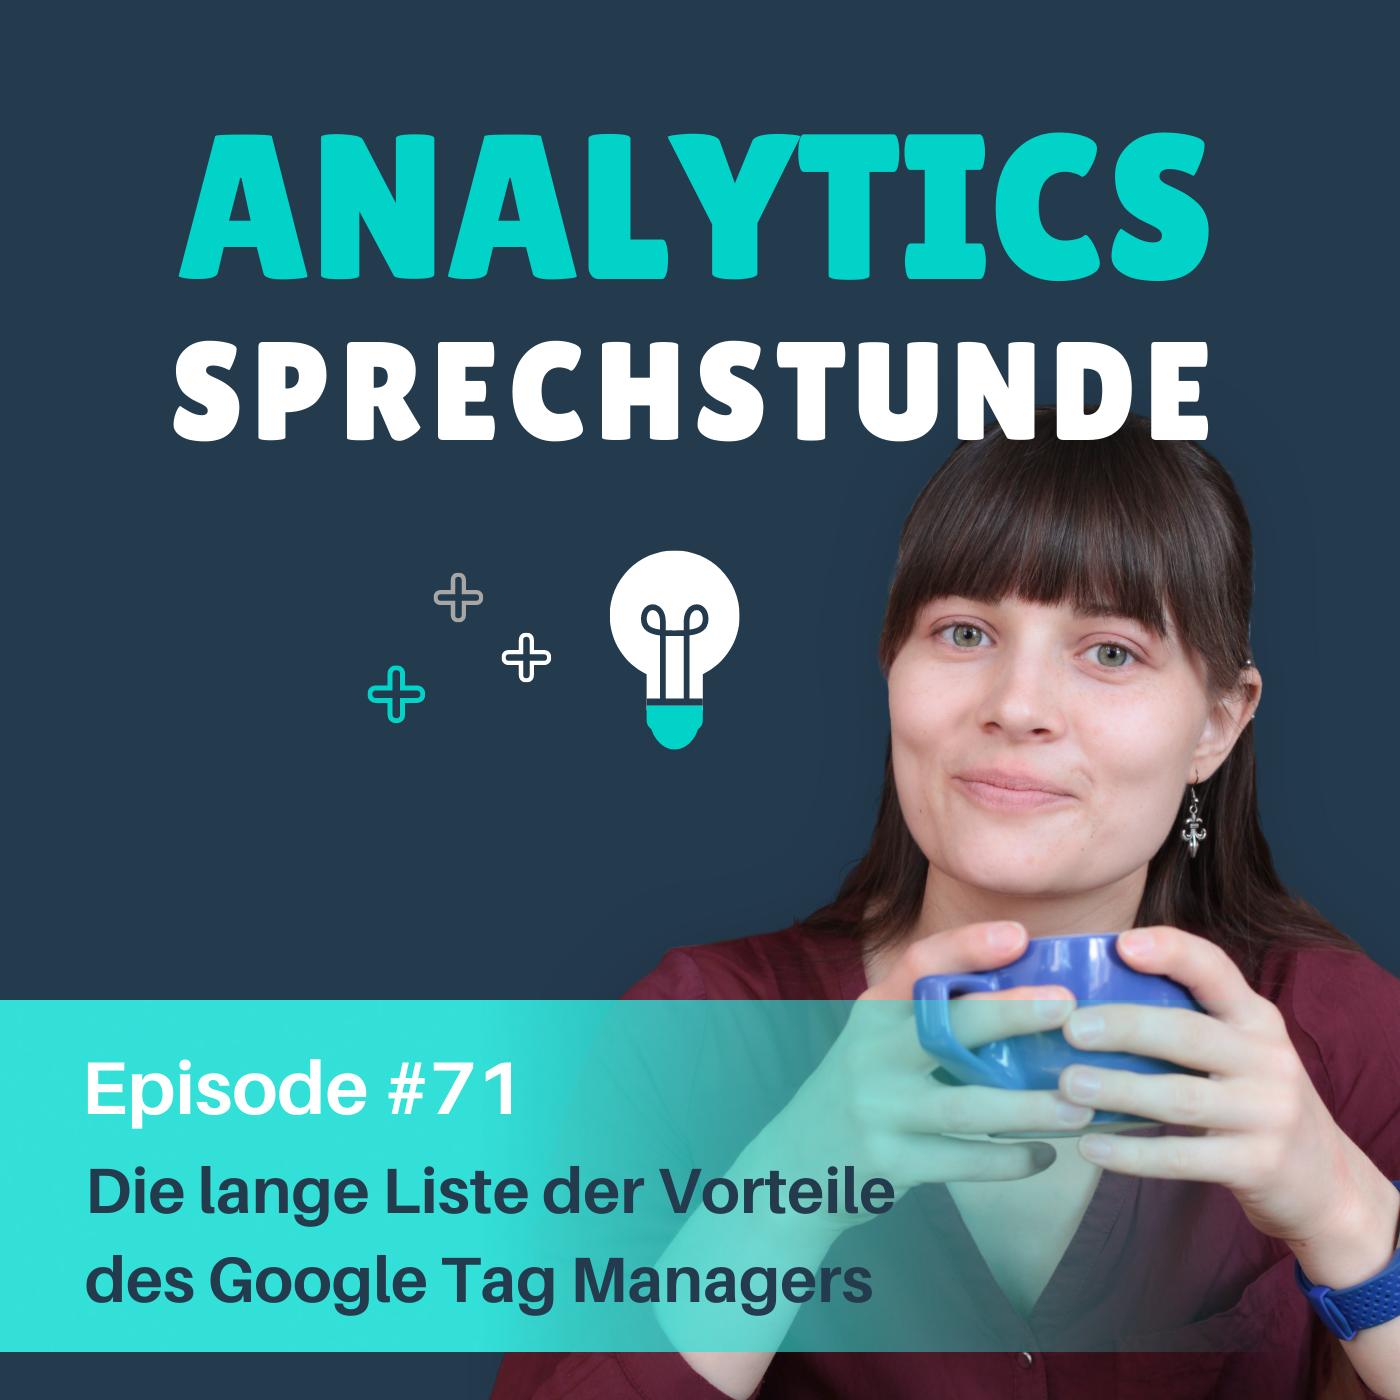 71 Die lange Liste der Vorteile des Google Tag Managers